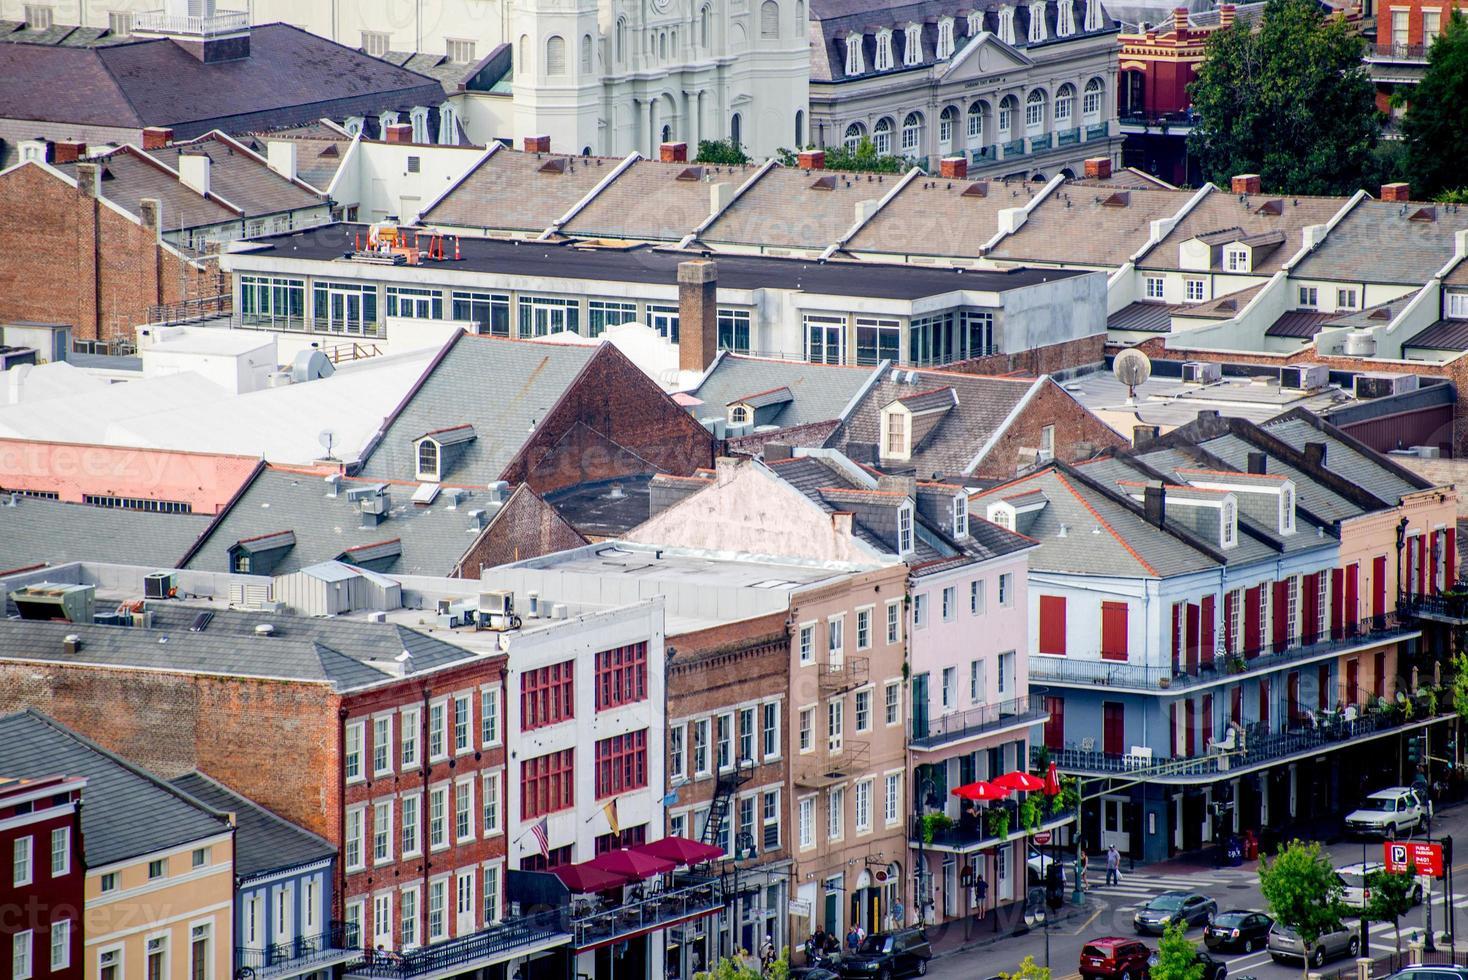 Luft viele bunte Gebäude in New Orleans foto